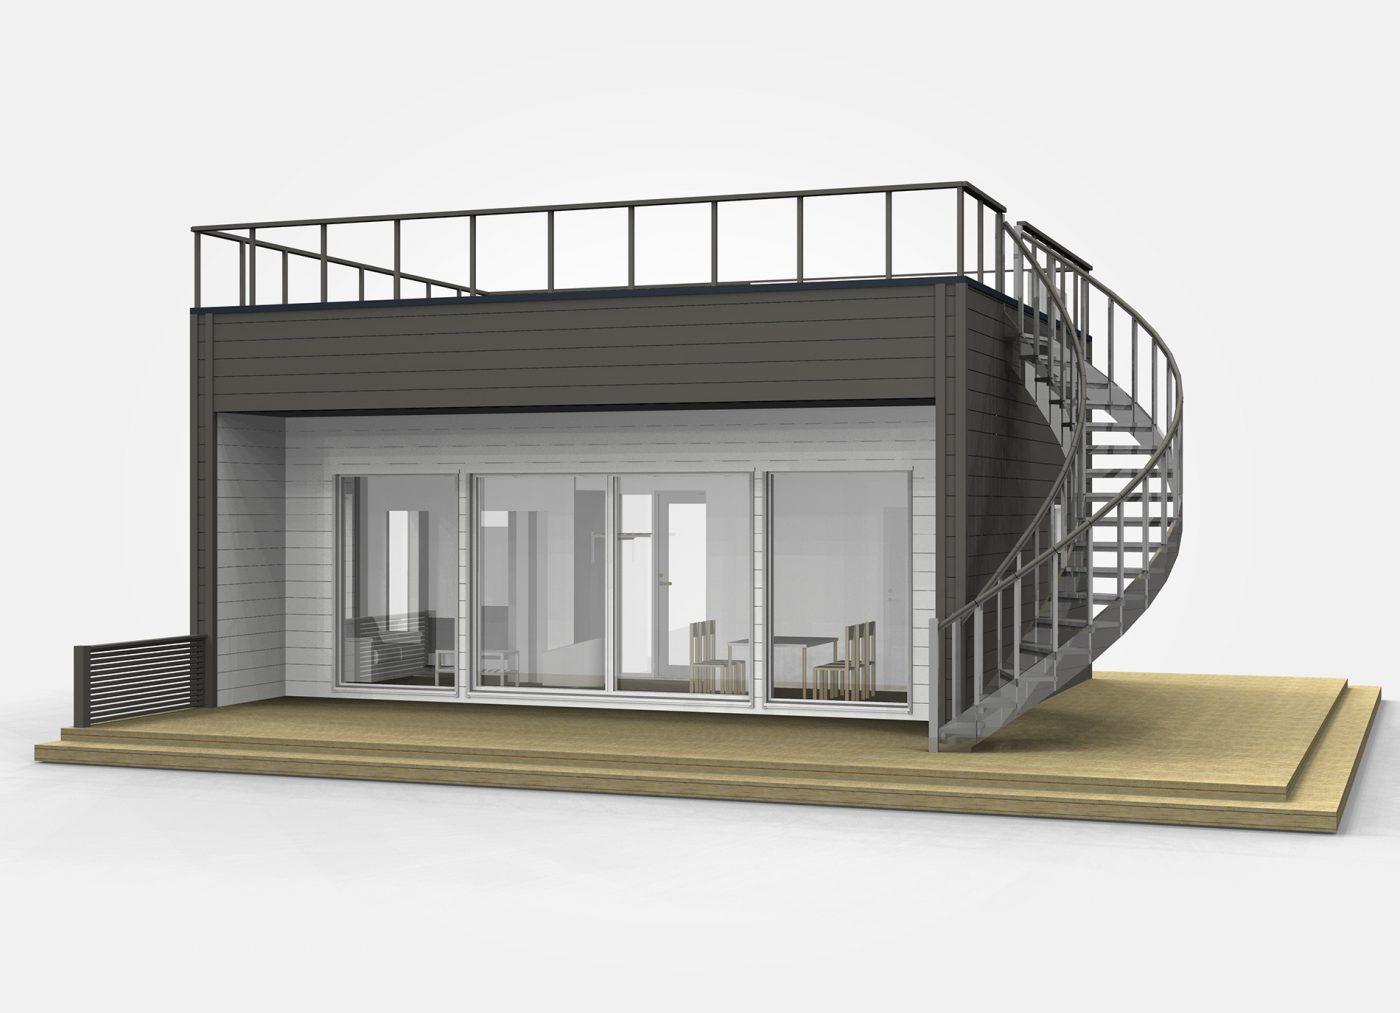 maison sips cubique 50 m² 01